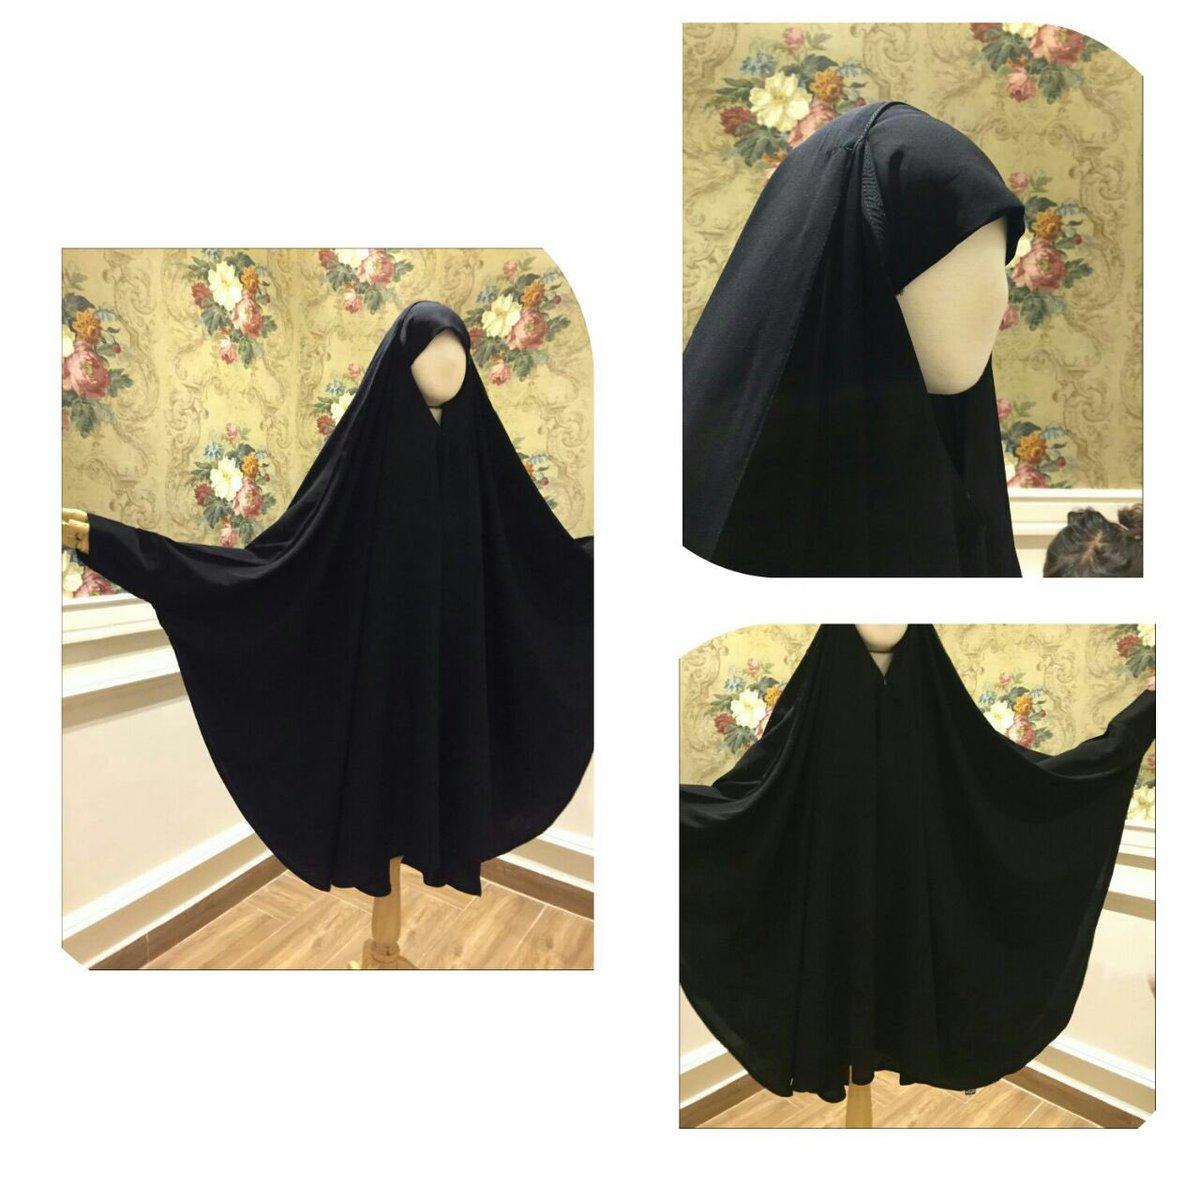 بالصور صور خمار , اروع موديلات الحجابات و الخمارات 3495 6